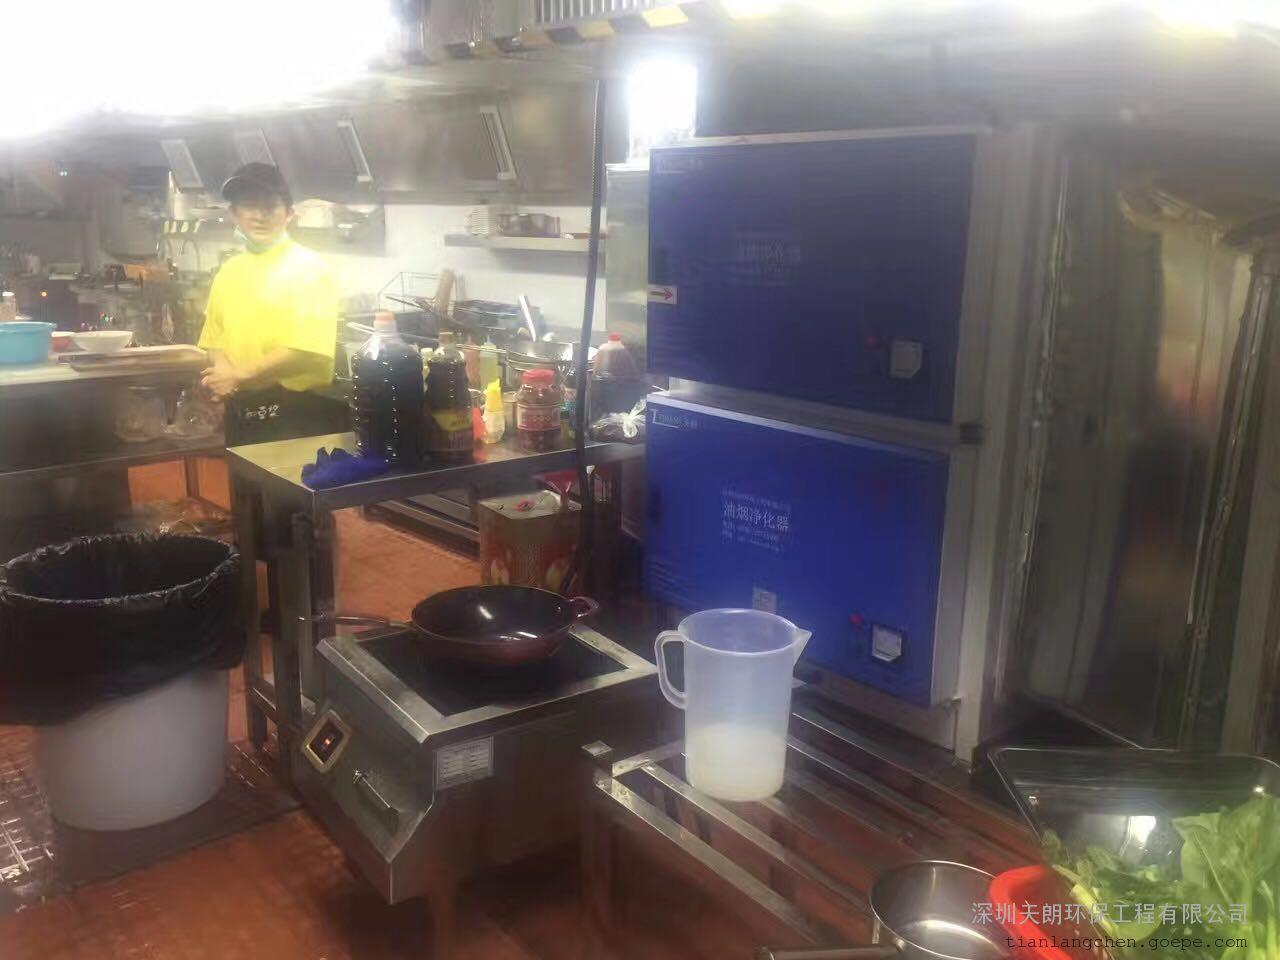 昆明油烟净化器|云南厨房油烟净化器|保山餐饮油烟净化器